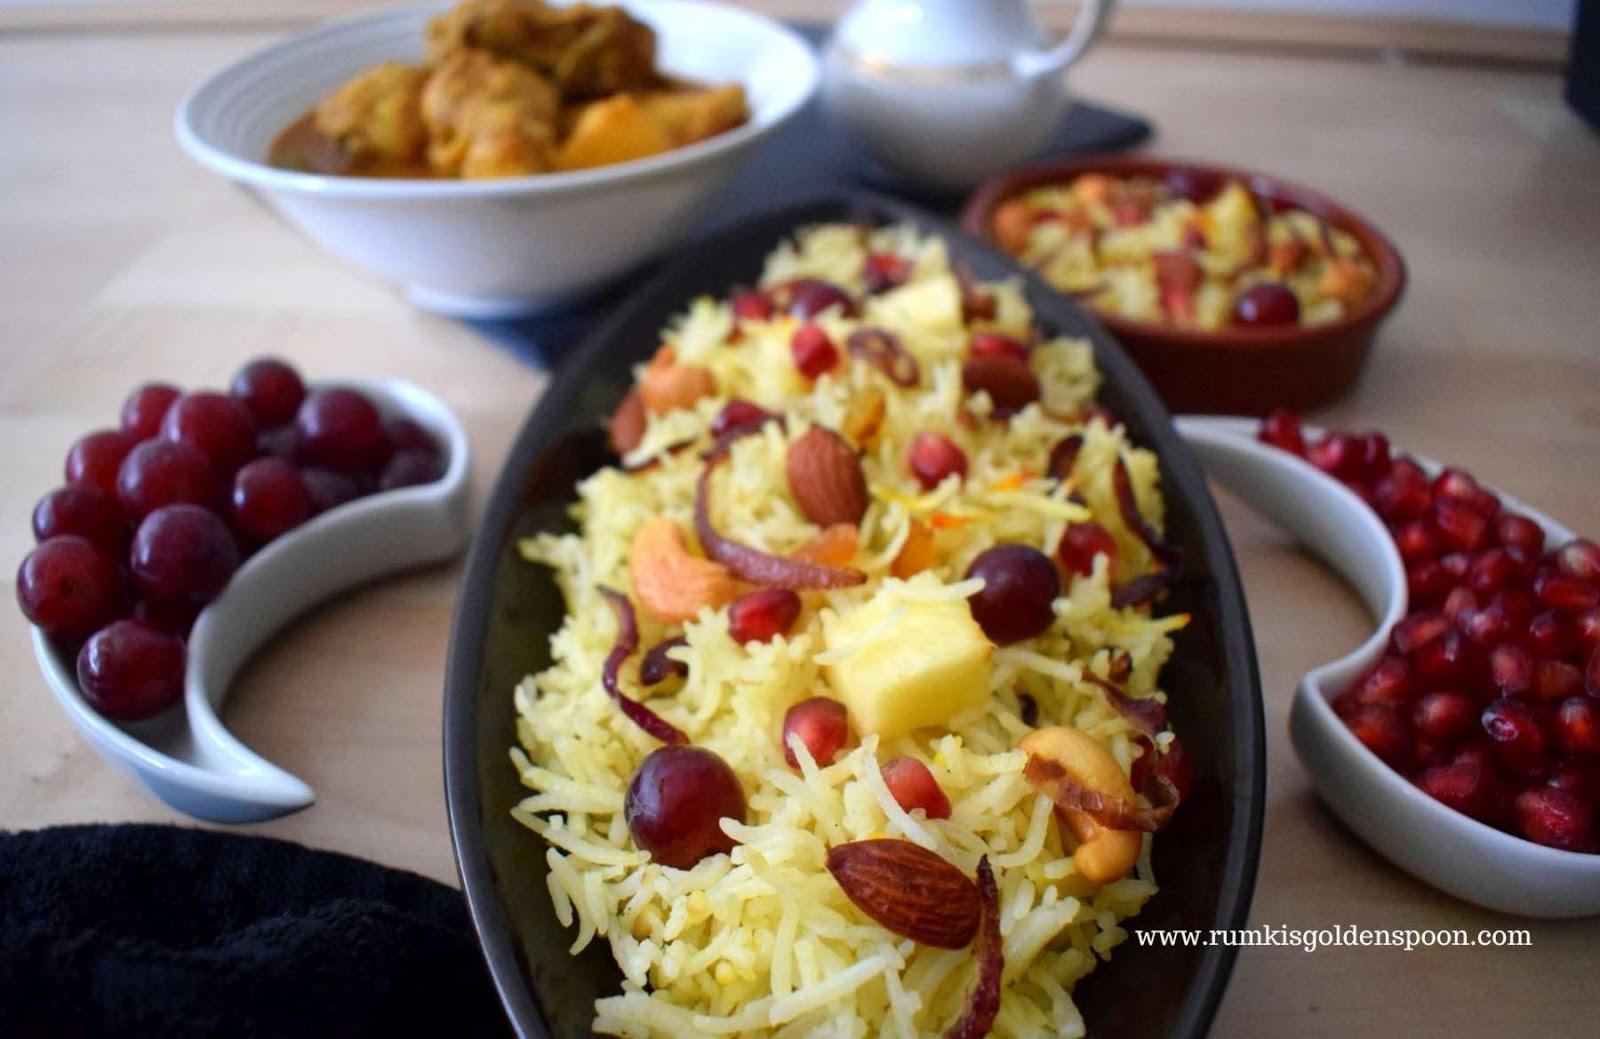 kashmiri pulao, recipe for kashmiri pulao, kashmiri pulao recipe, how to make kashmiri pulao, kashmiri recipe, kashmiri food, pulao recipe, rice pilaf recipe easy, Rumki's Golden Spoon